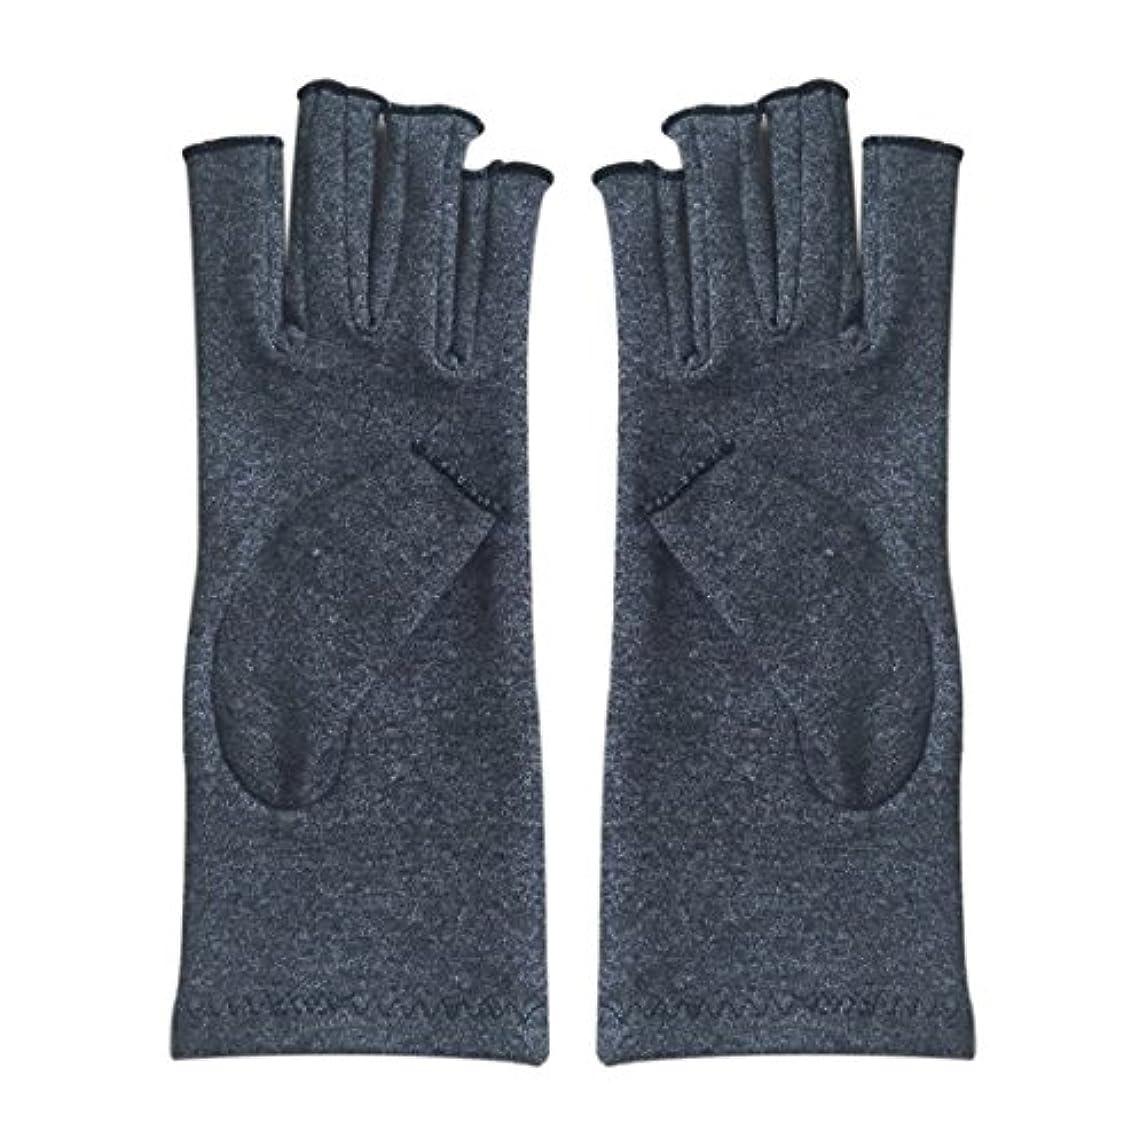 なかなか冷酷な見ましたCUHAWUDBA 1ペア成人男性女性用弾性コットンコンプレッション手袋手関節炎関節痛鎮痛軽減S -灰色、S